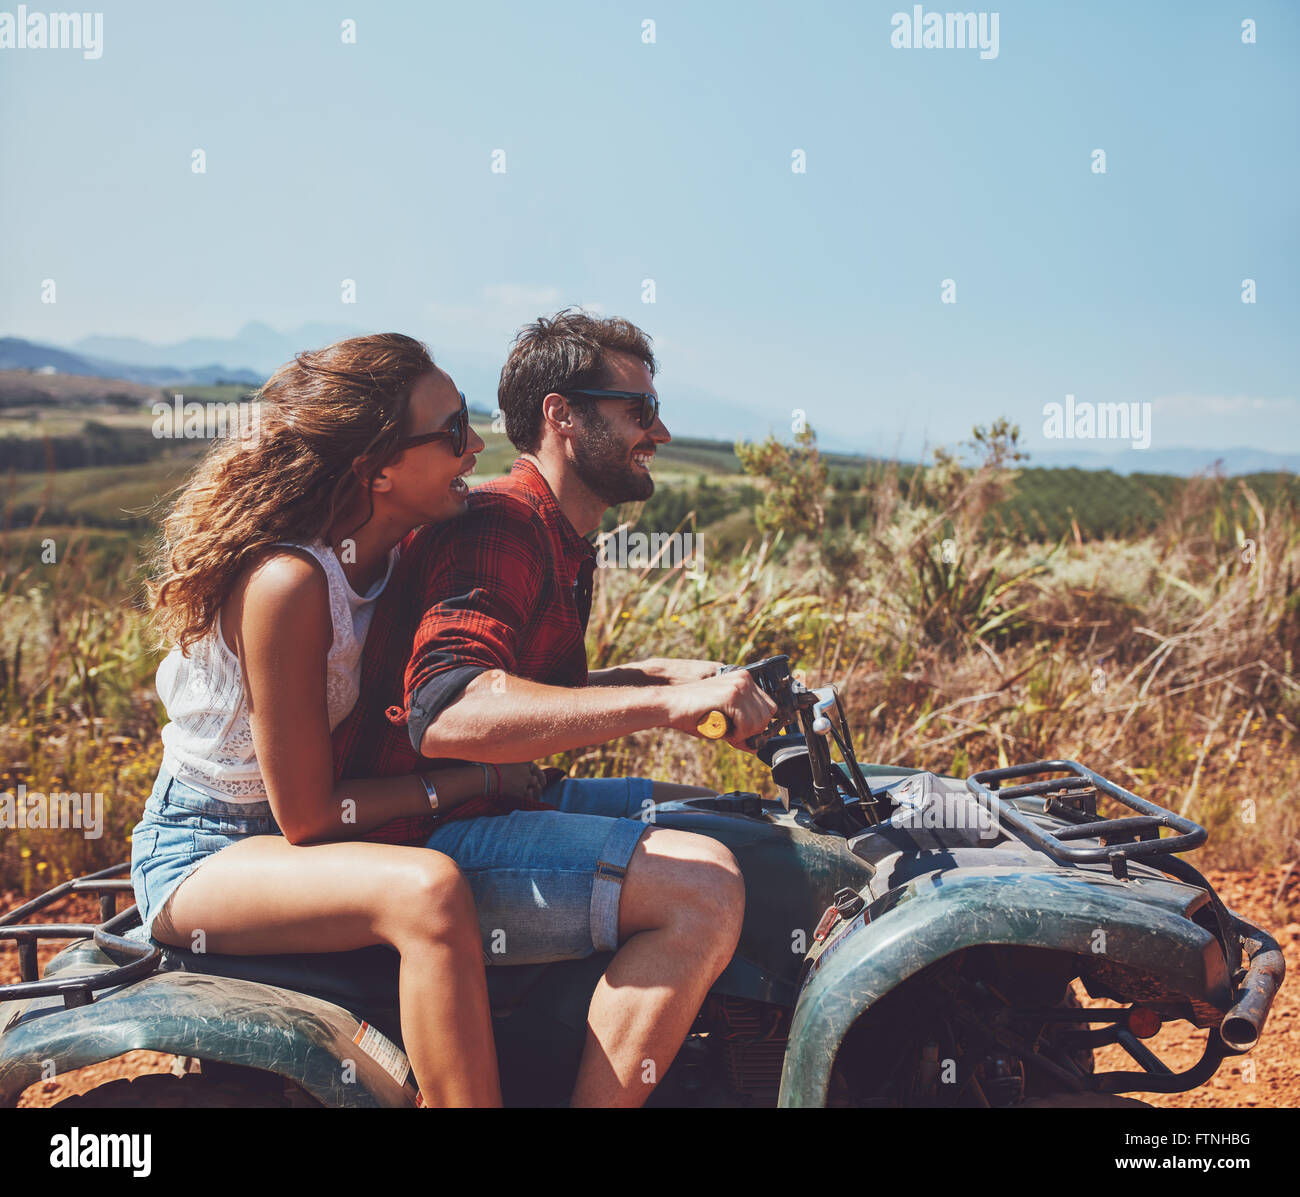 Vista laterale del giovane uomo e donna in sella a una moto quad su una vacanza estiva. Giovane godendo le vacanze Immagini Stock